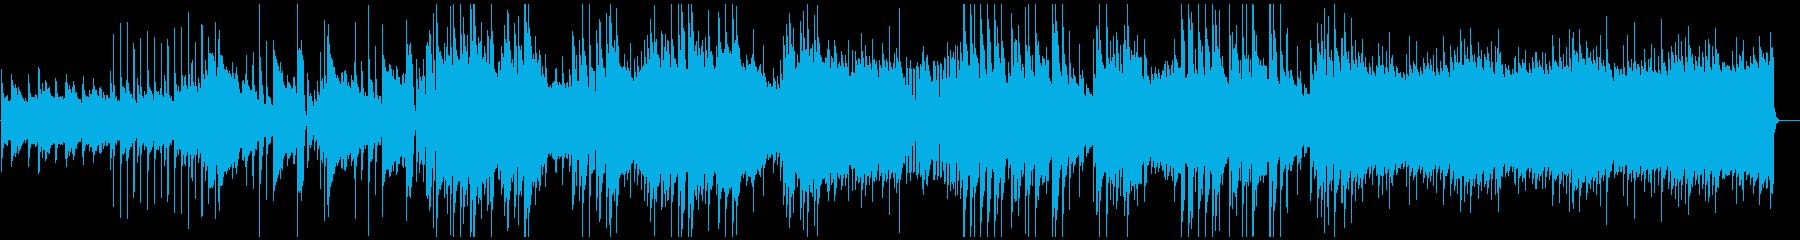 青空・爽やか・ポップ・風の再生済みの波形